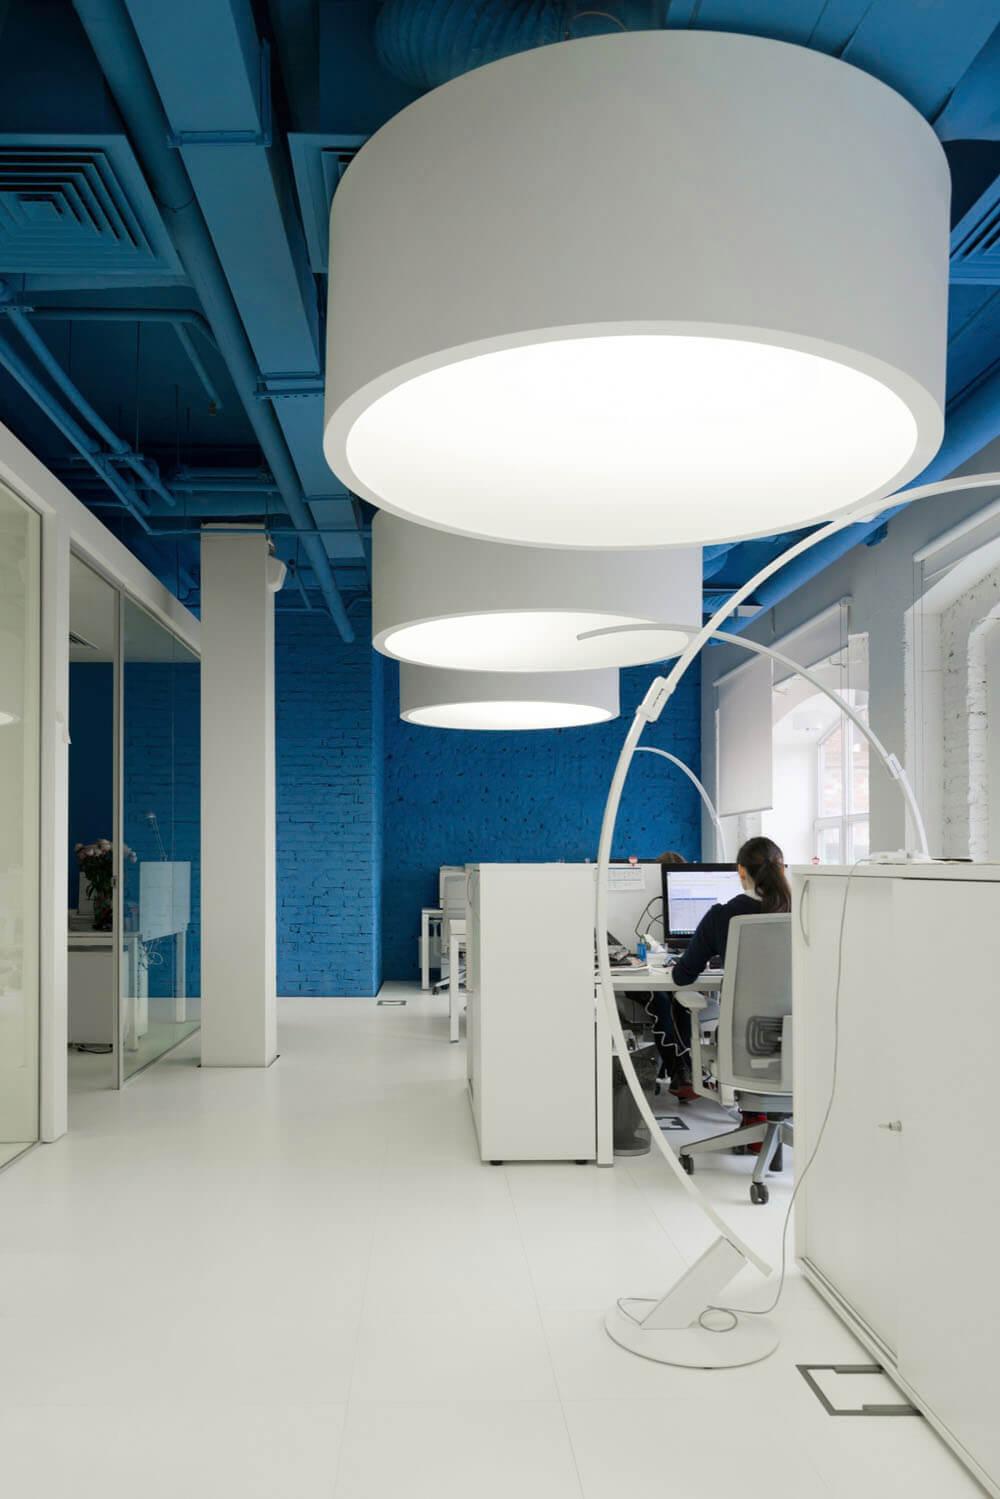 Креативное оформление офиса -синий потолок с большими белыми цилиндрическими светильниками - фото 1